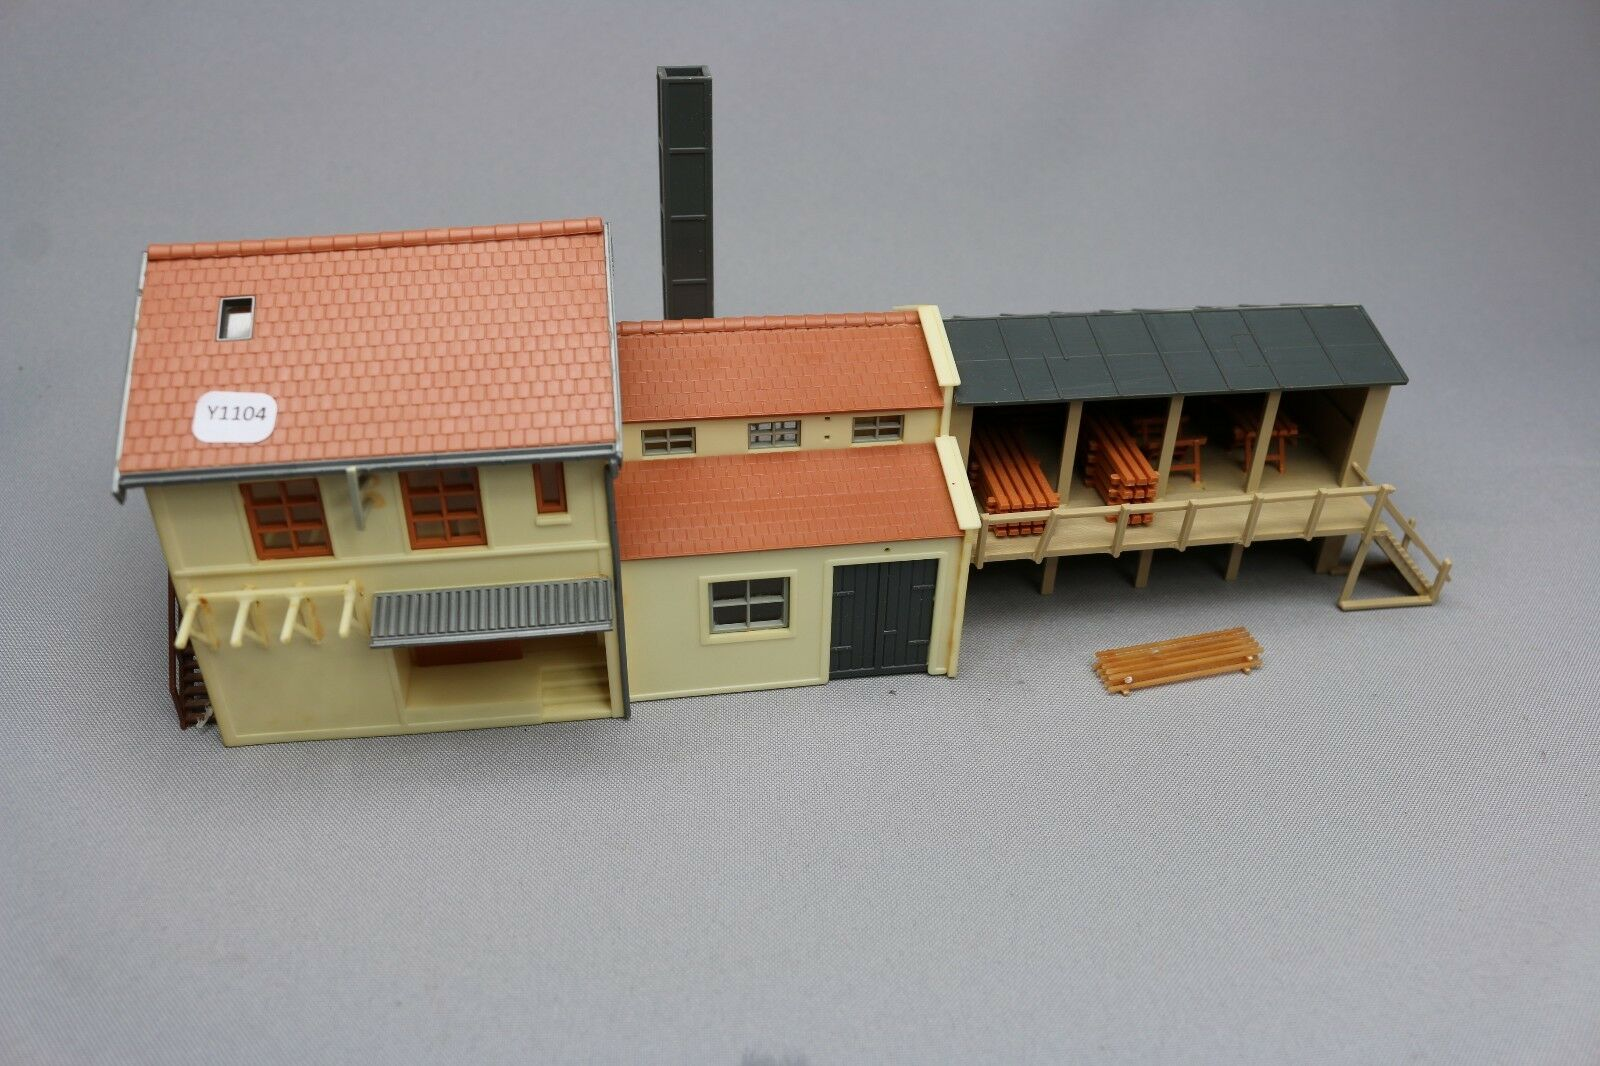 Y1104 Jouef 1290 maquette train Ho 1 87 menuiserie hangar carpentry assemblé